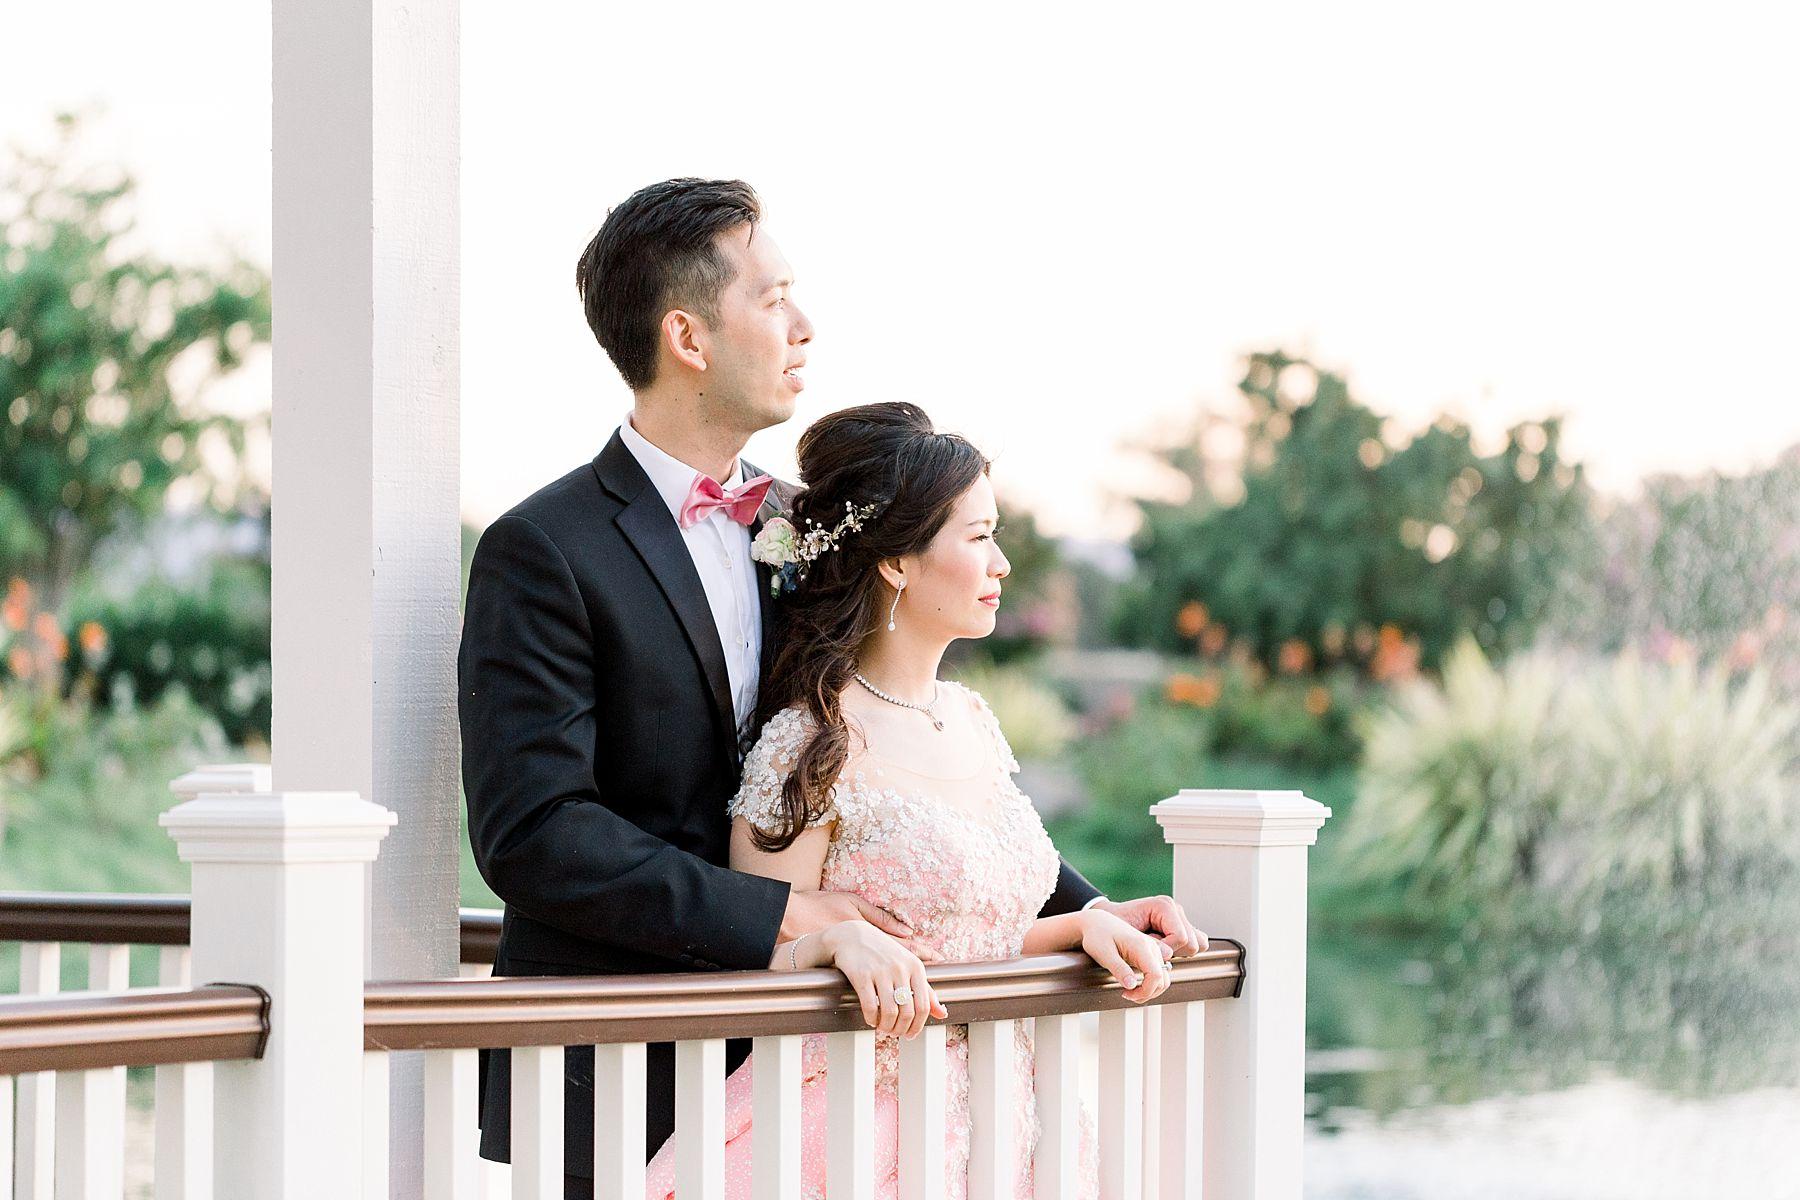 Newberry Estate Vineyards Wedding - Ashley Baumgartner - Jasmine and Johhny - Bay Area Wedding Photographer - Sacramento Wedding Photographer_0050.jpg